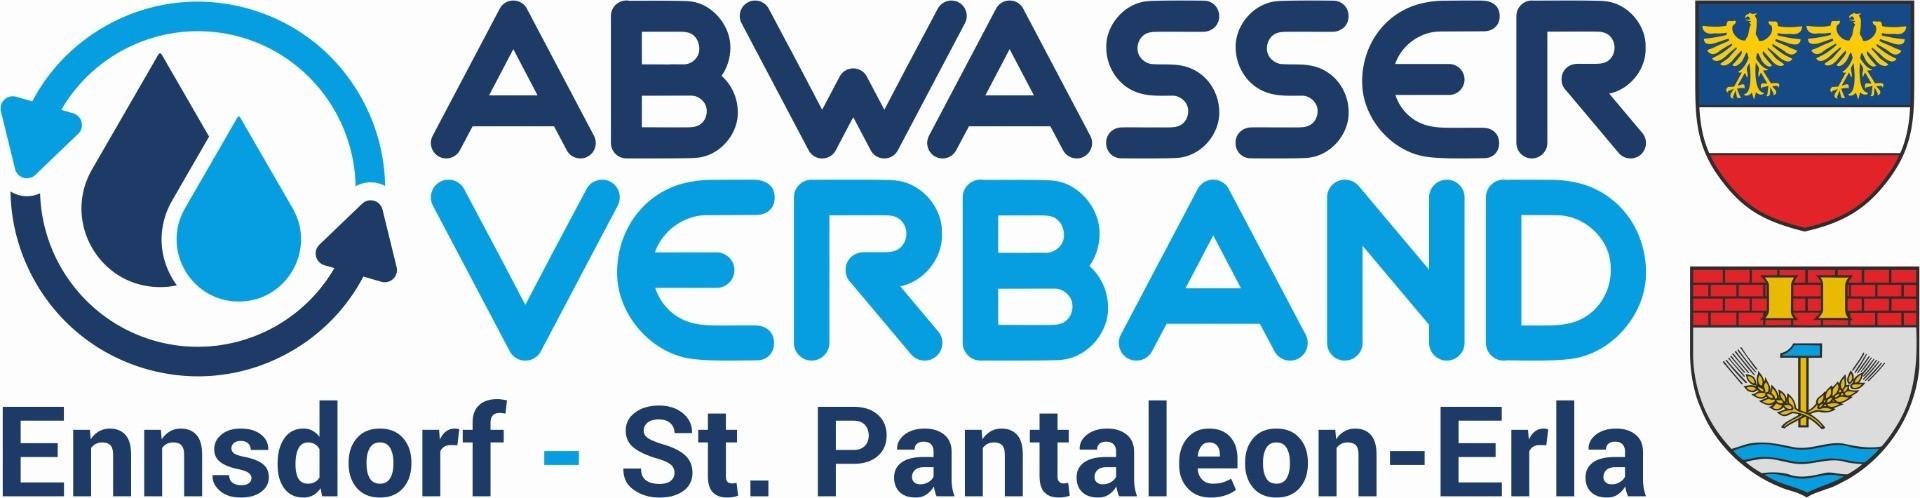 Gemeindeabwasserverband Logo Kläranlage.jpg